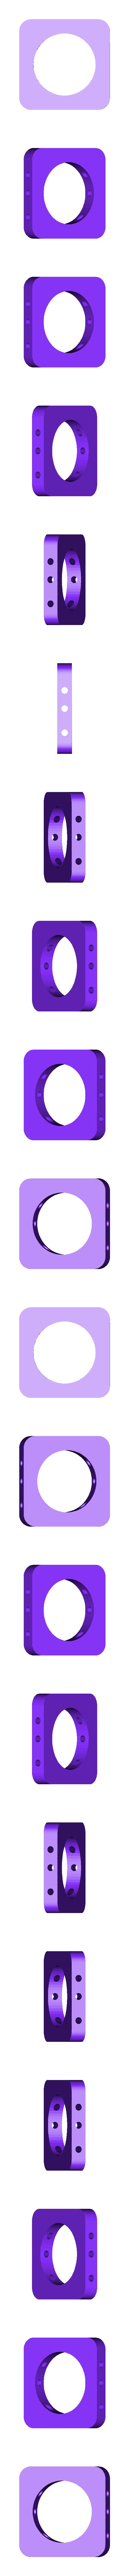 """Camera_Holder_V2.stl Télécharger fichier STL gratuit GR1FF RACE - Châssis 2,5"""" pour moteurs 070x 080X 110x 070x 080X 110x • Objet pour impression 3D, Gophy"""